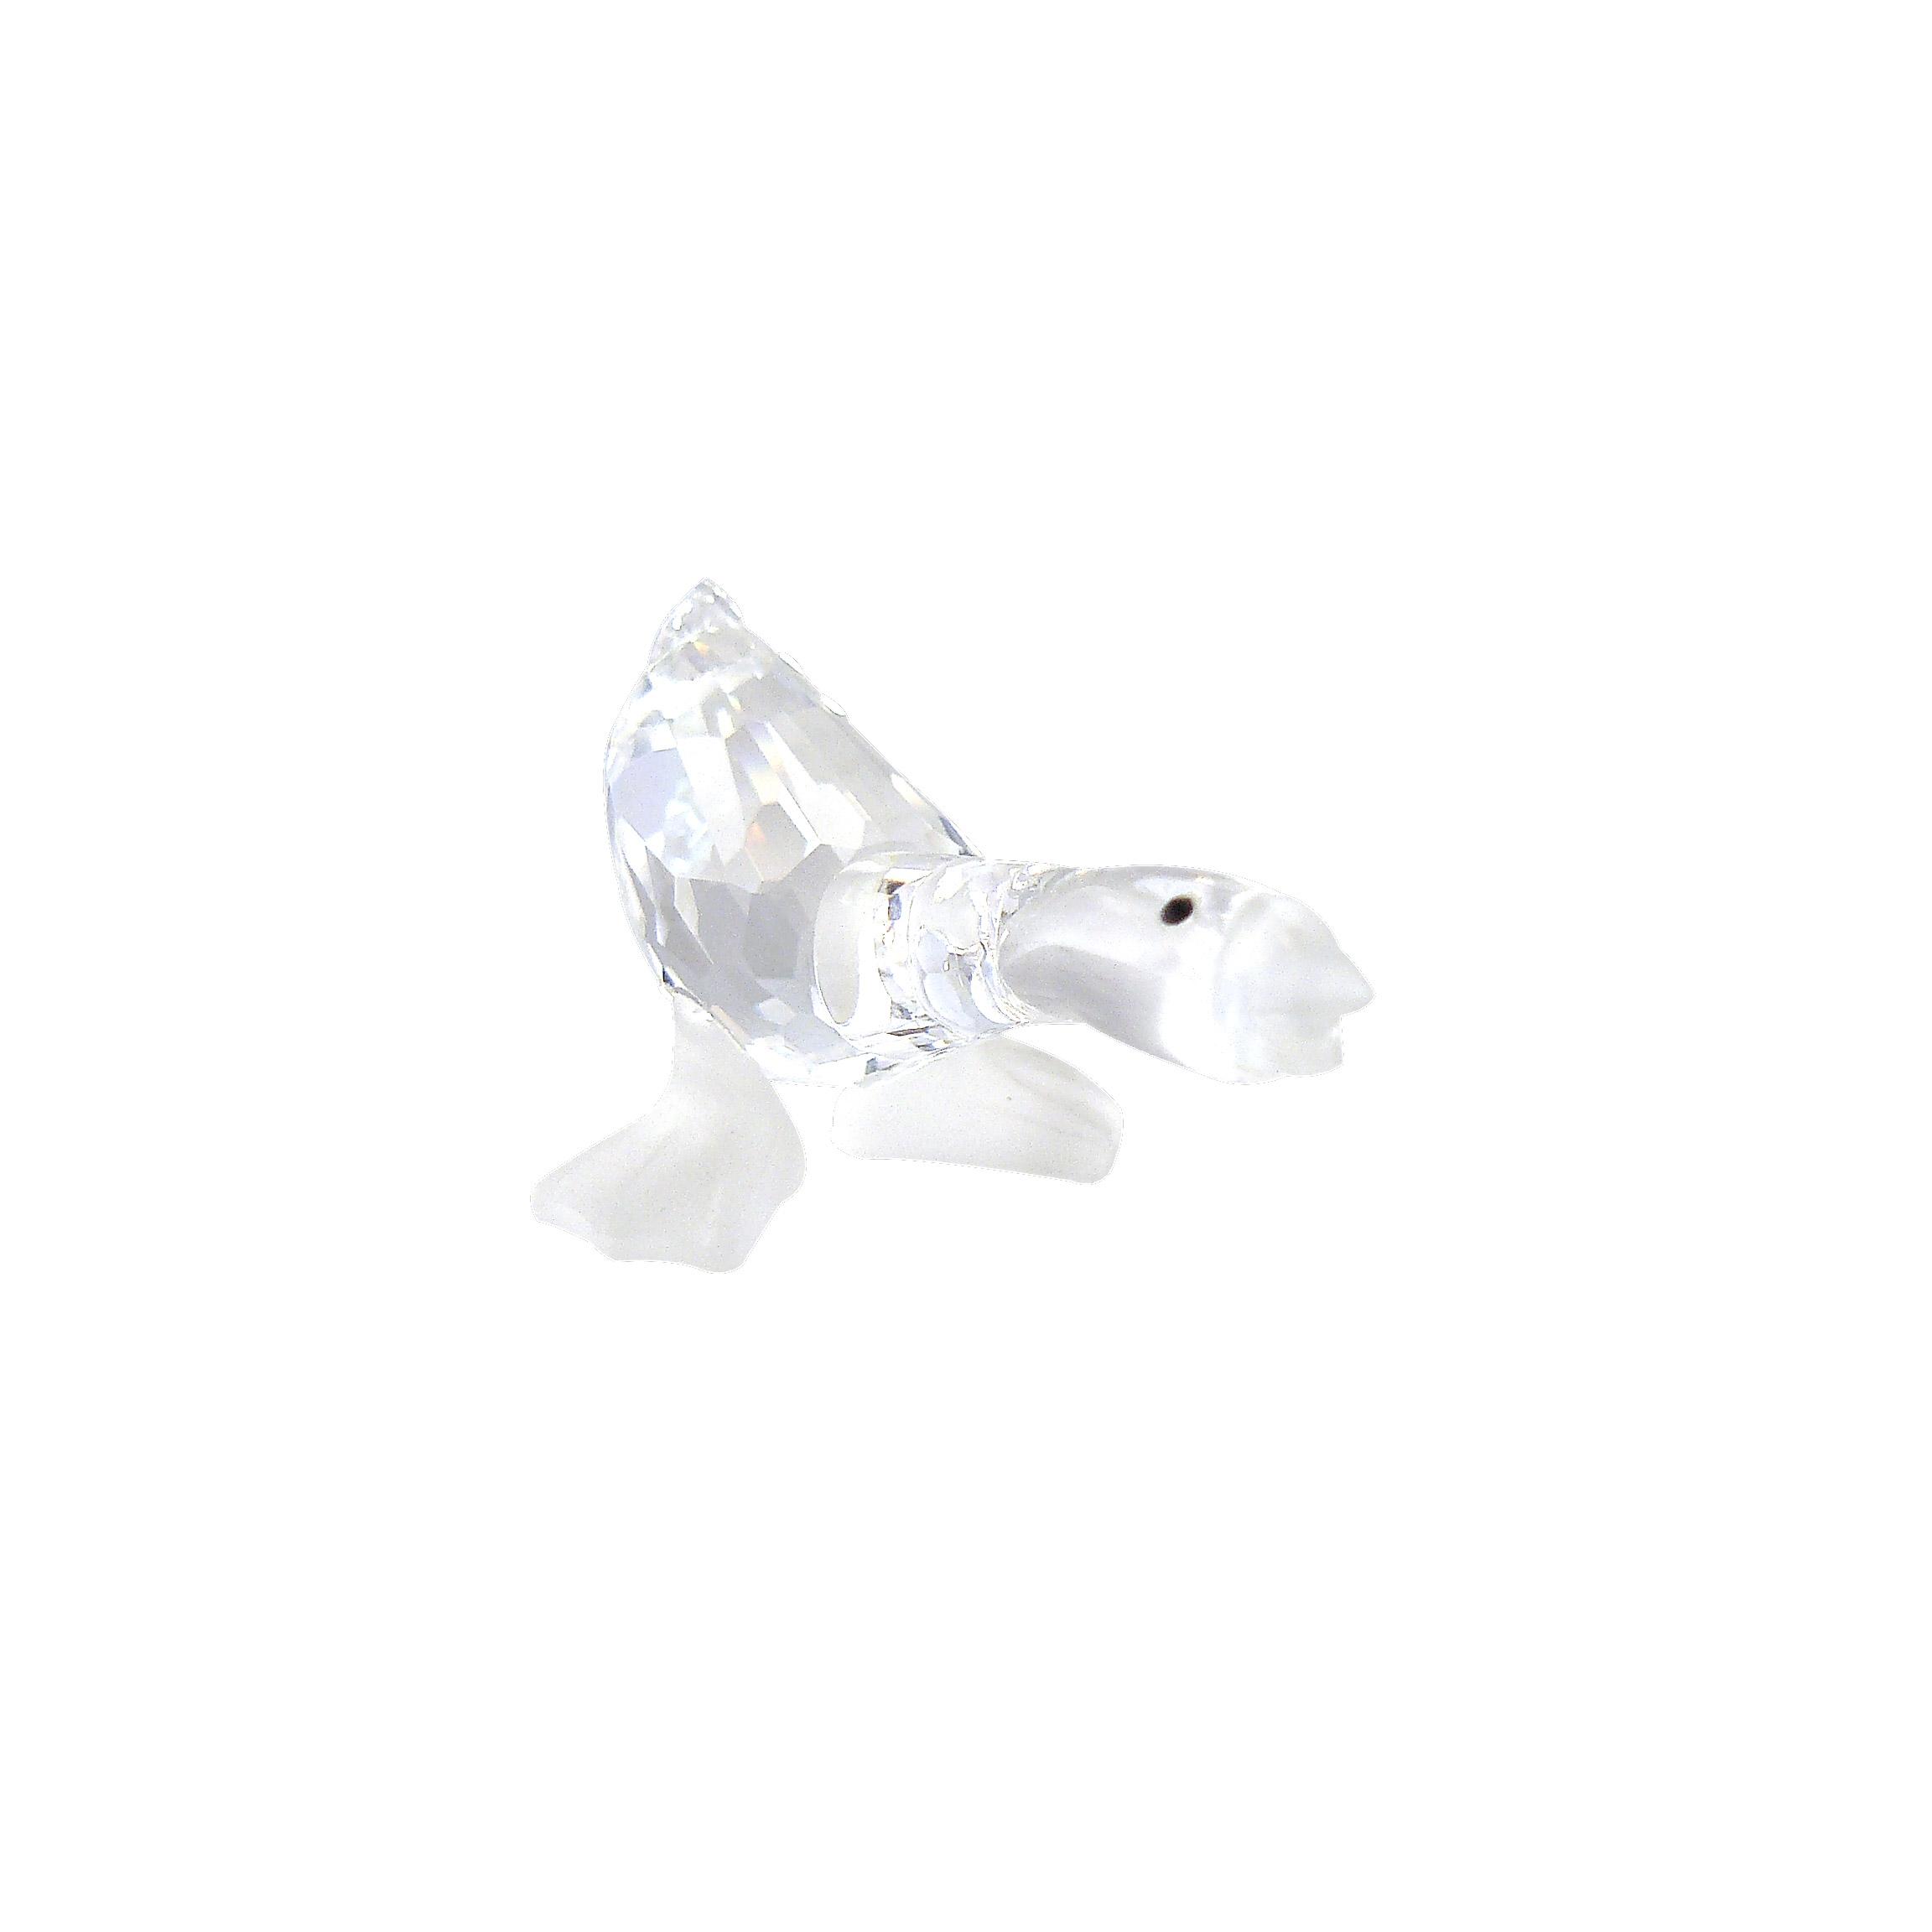 Swarovski Crystal Διακοσμητικό Παπάκι